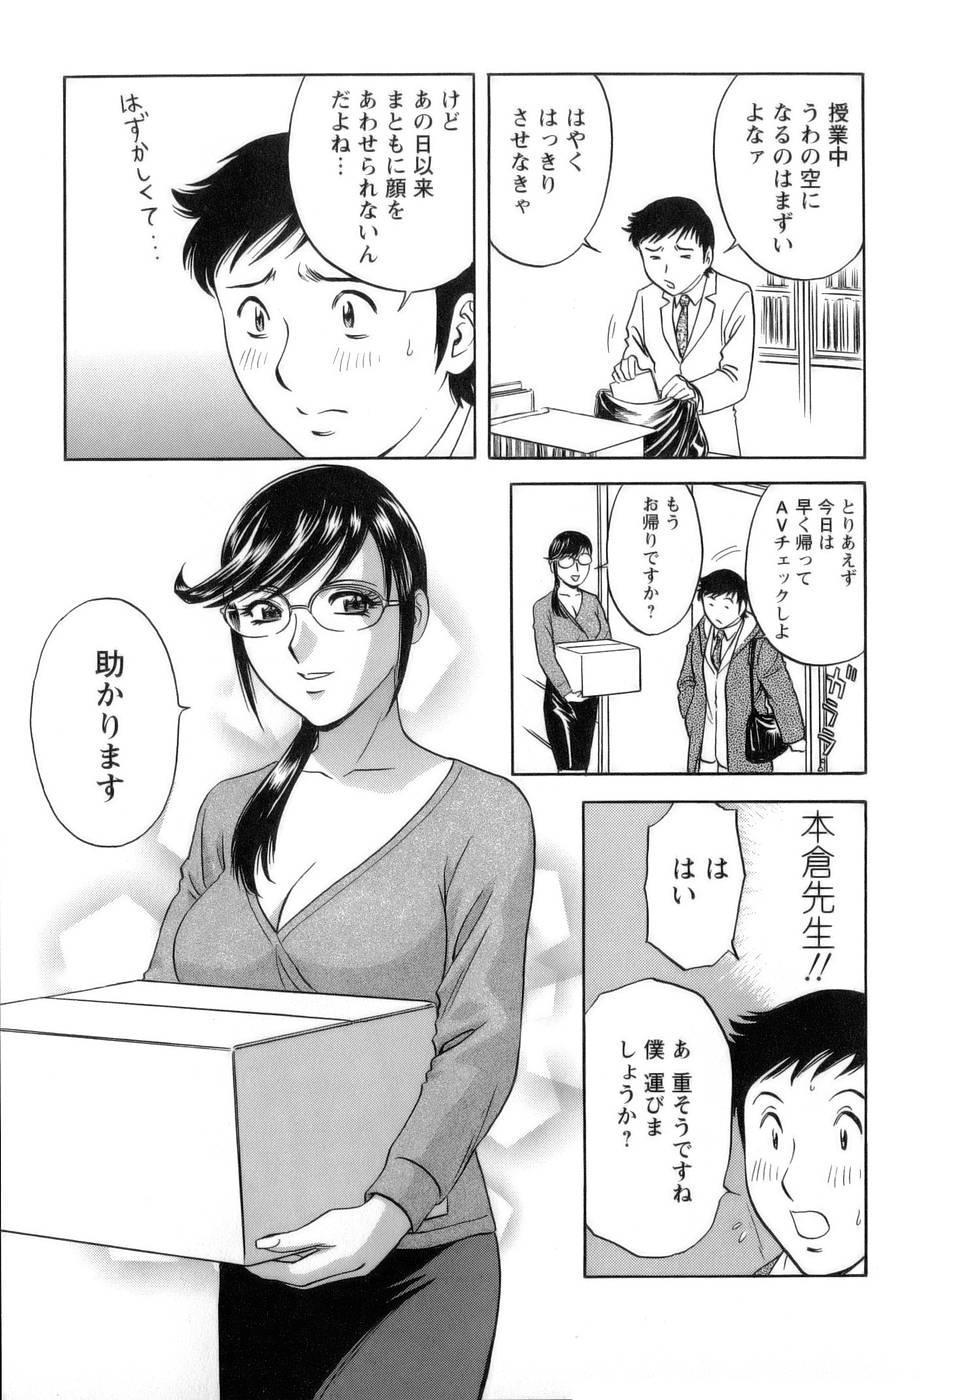 [Hidemaru] Mo-Retsu! Boin Sensei (Boing Boing Teacher) Vol.1 116